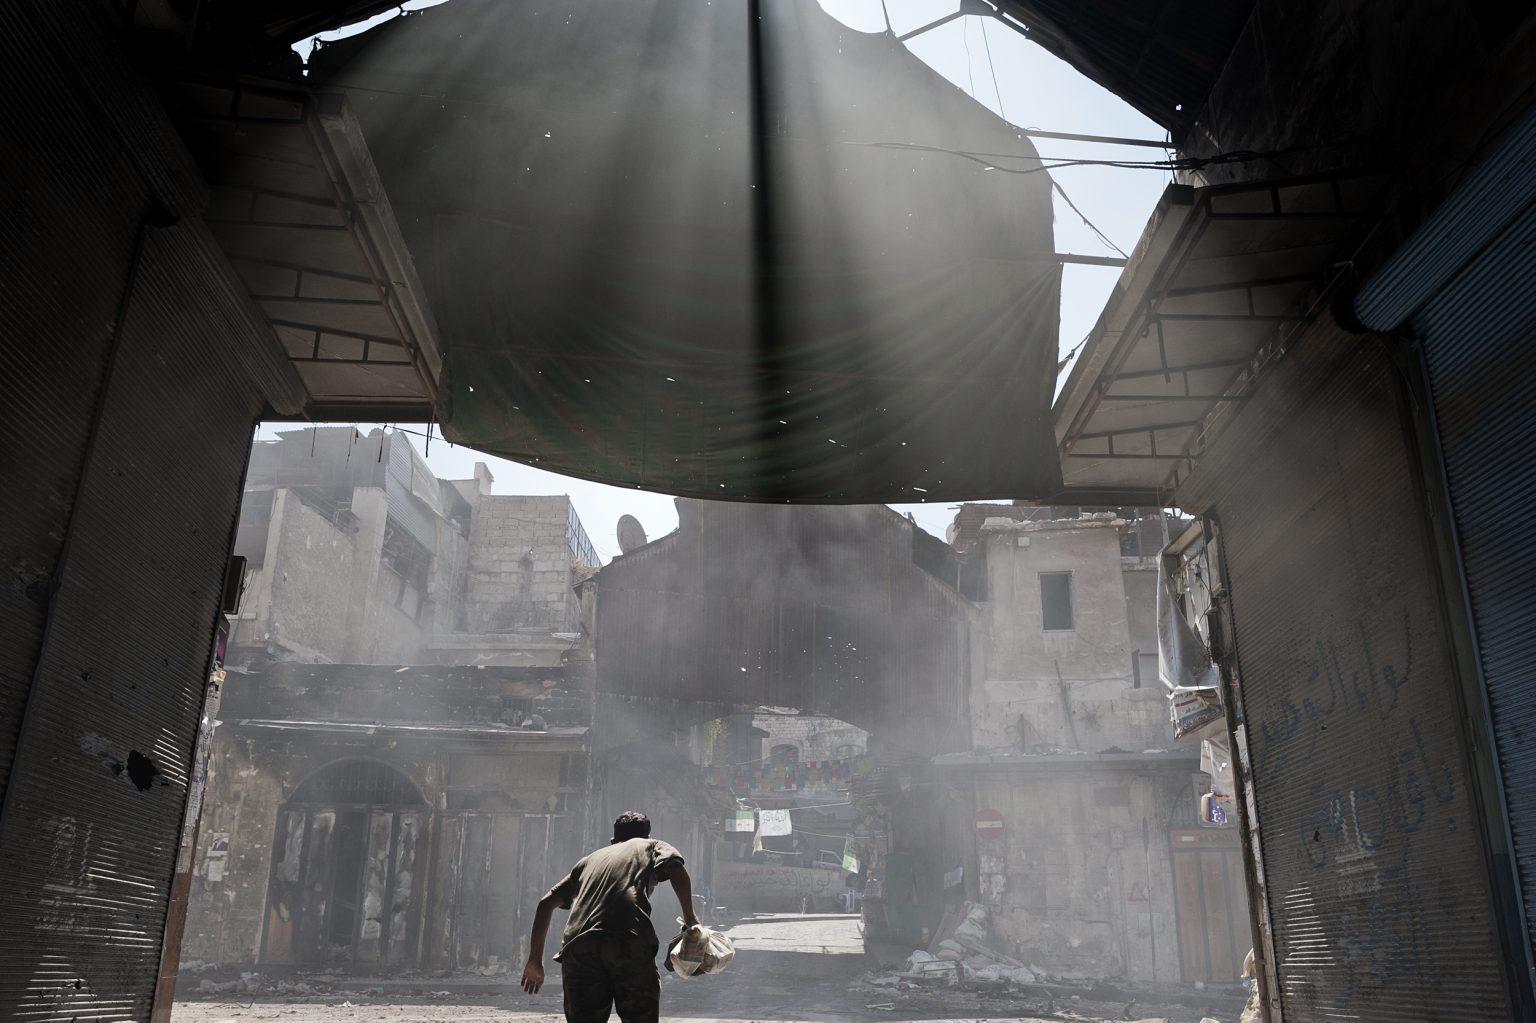 Aleppo, Syria - September 25th 2012 - A man runs trying to avoid the shots of a regime sniper. ———————— Aleppo, Siria 25 Settembre 2012 - un uomo Corre cercando di evitare i colpi di un cecchino del regime.